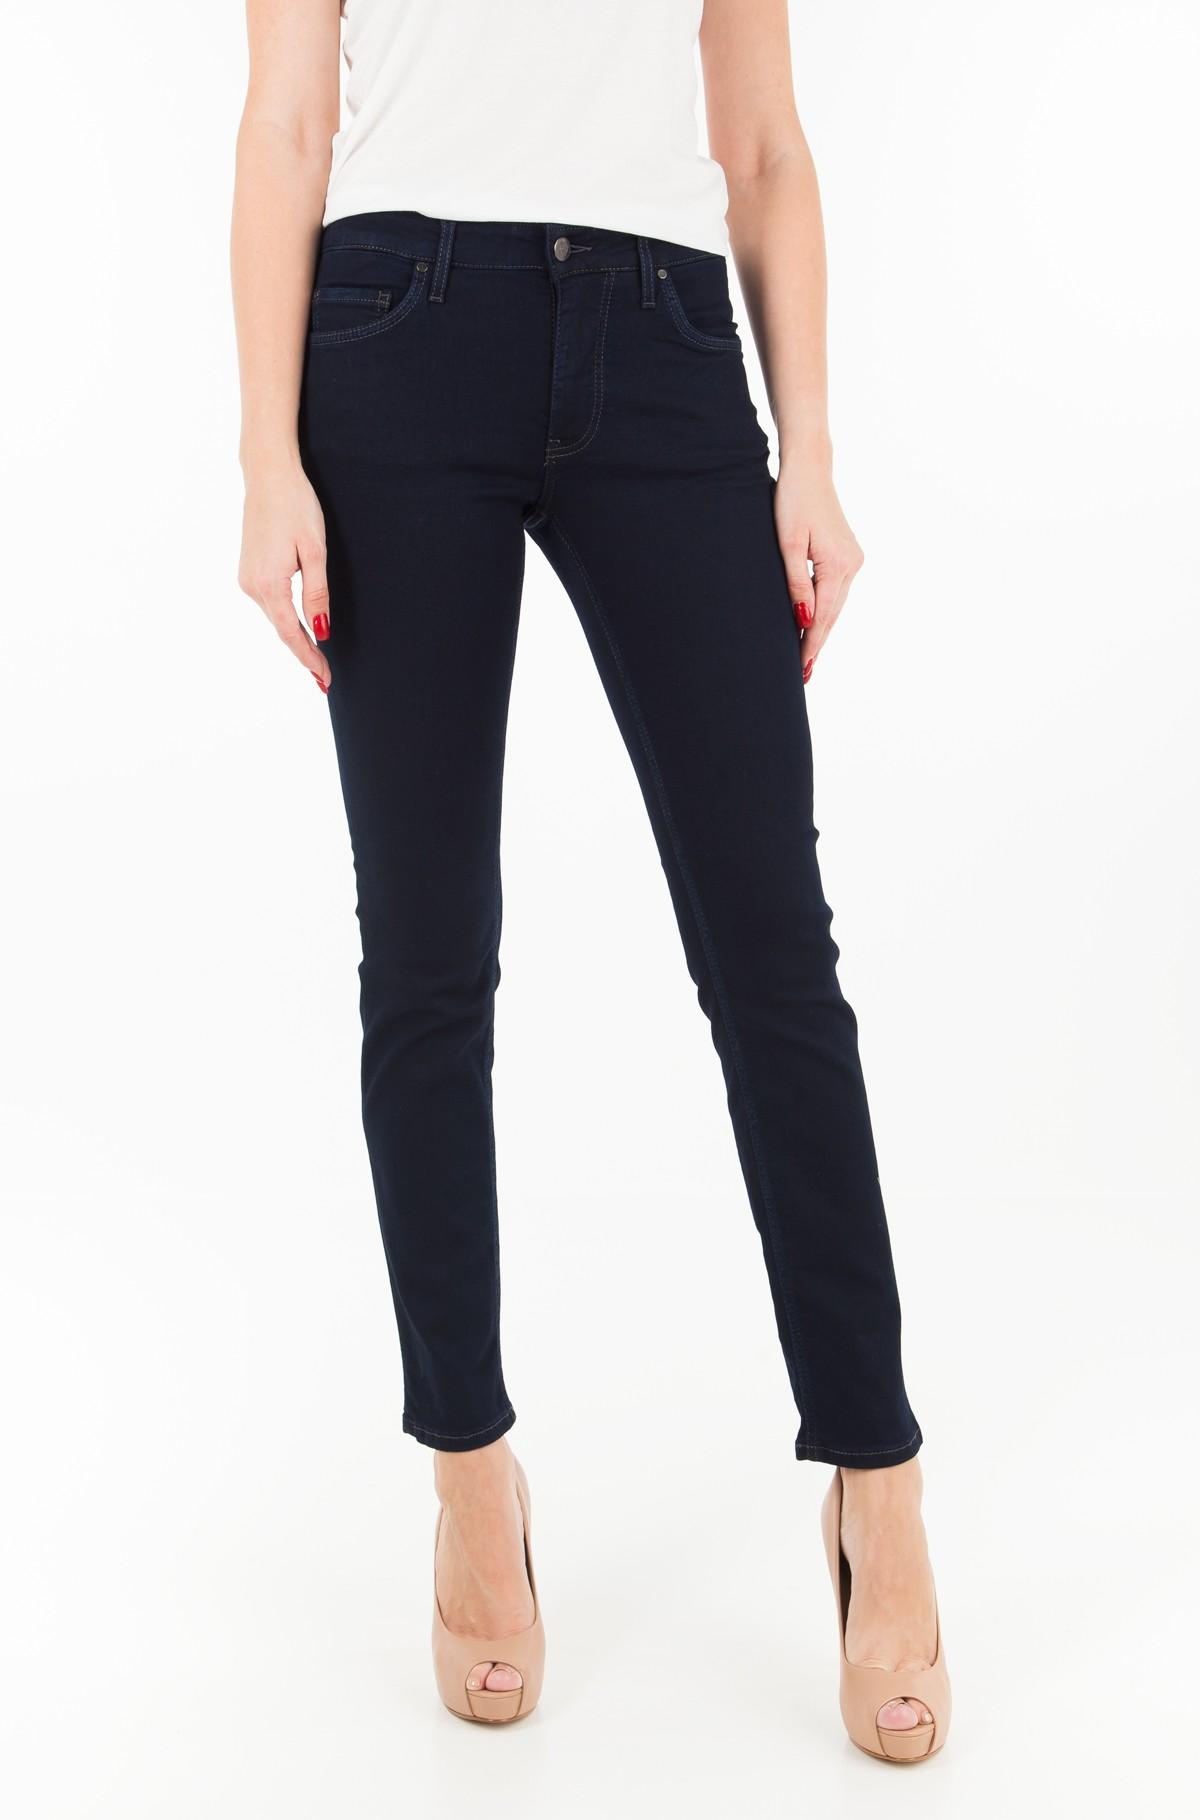 Jeans 1006275-full-1